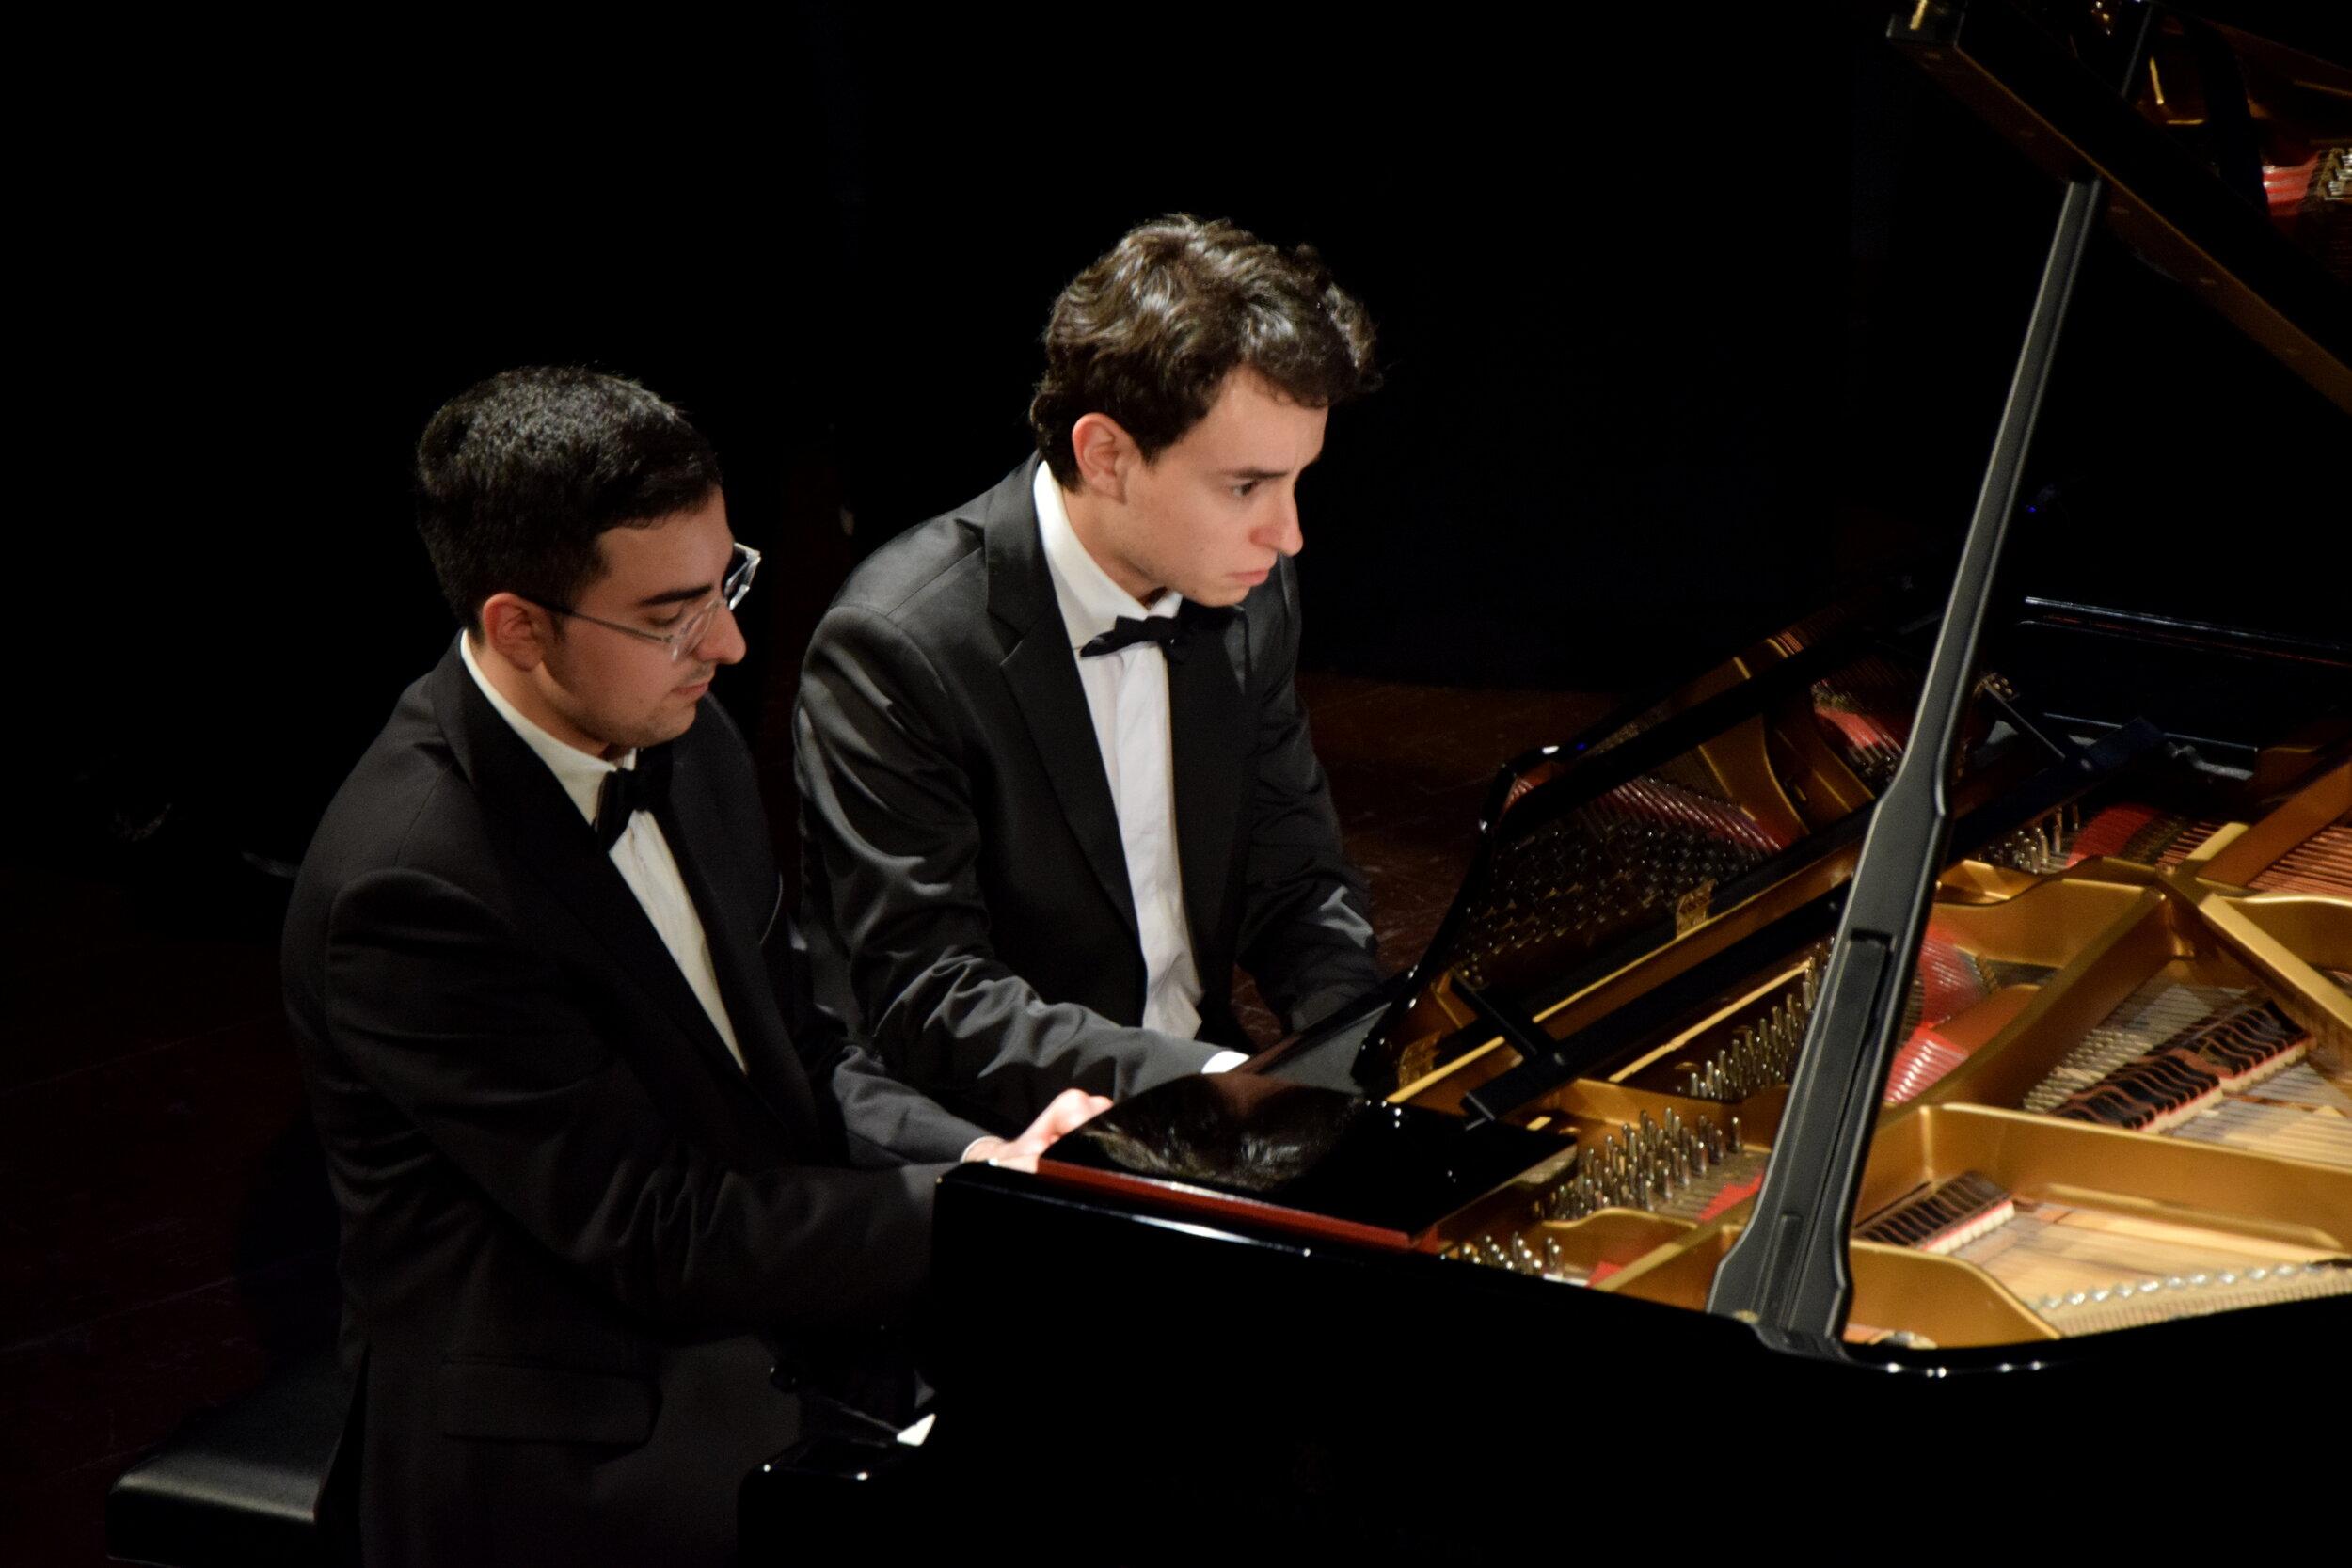 Alberto Ferro e Alex Trolese, Premio Venezia e Premio Casella 2015, Note Future 2016